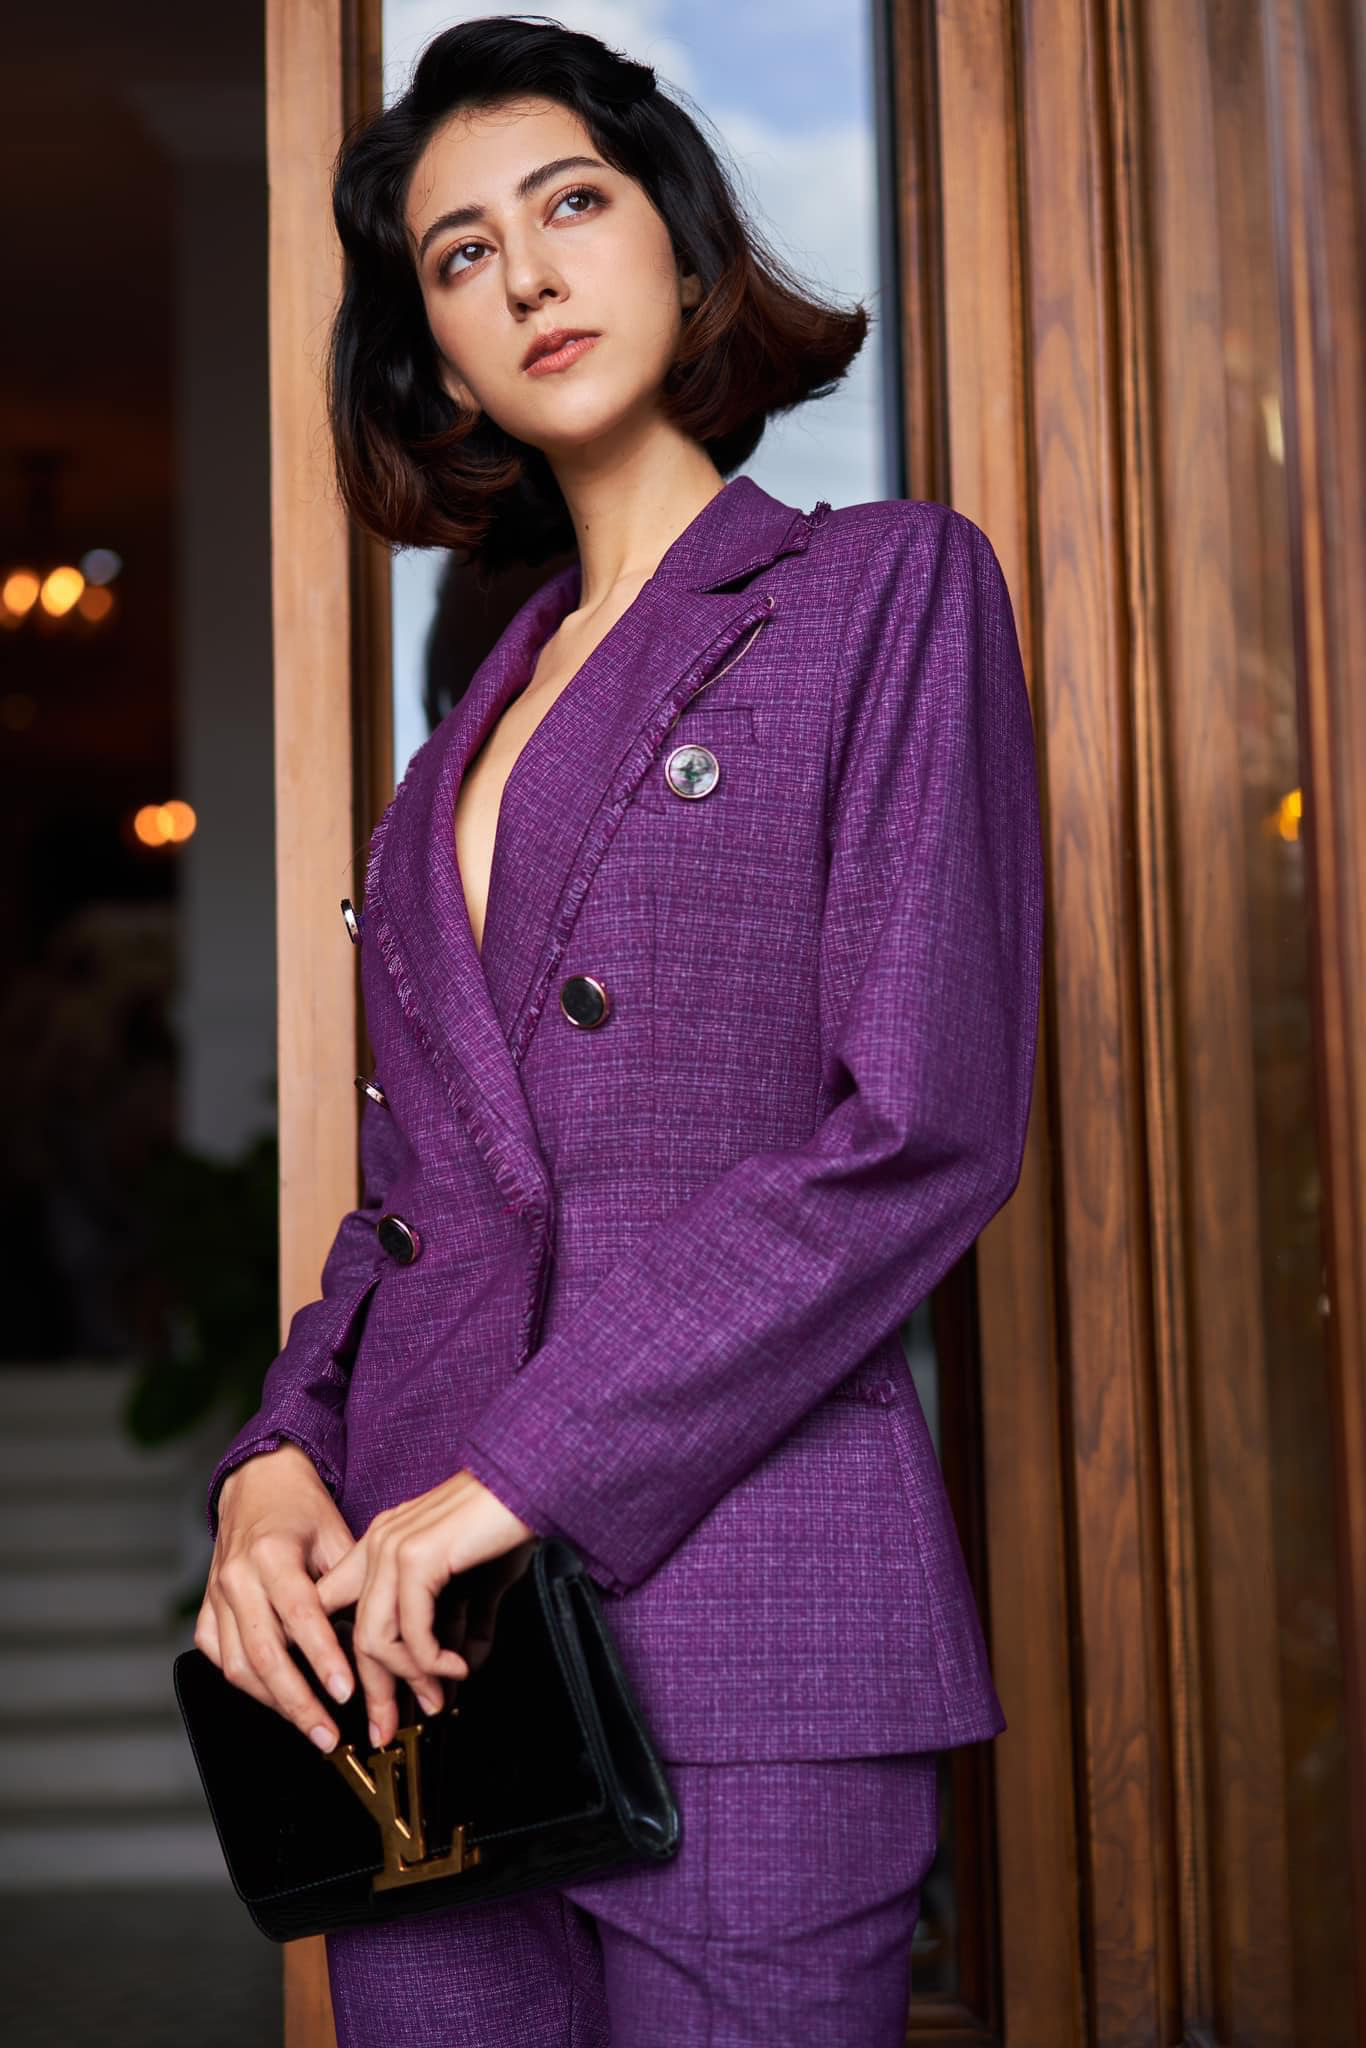 CEO Nguyễn Thị Thơ từ thương hiệu Crab Boutique chia sẻ mẹo gây ấn tượng cho chị em văn phòng - Ảnh 5.